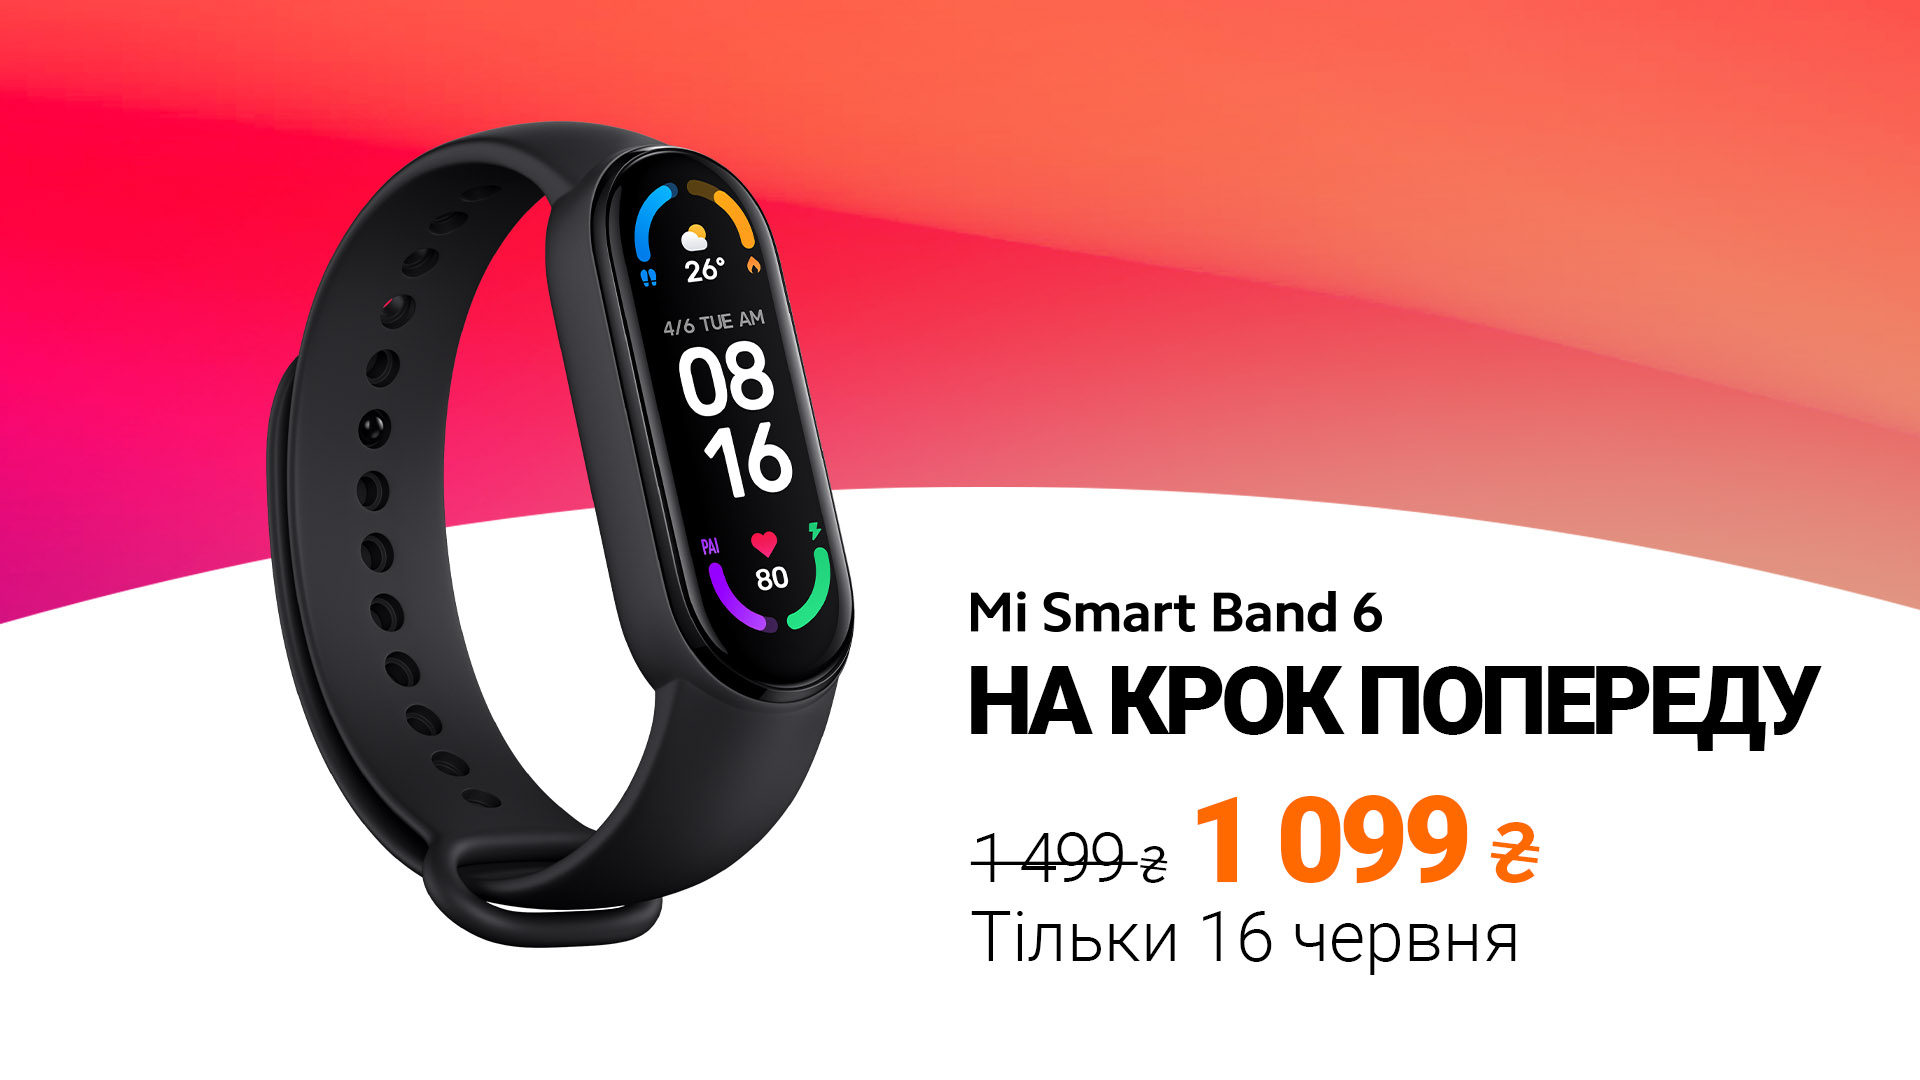 Флеш-распродажа: только 16 июня фитнес-браслет Mi Smart Band 6 за 1099 грн